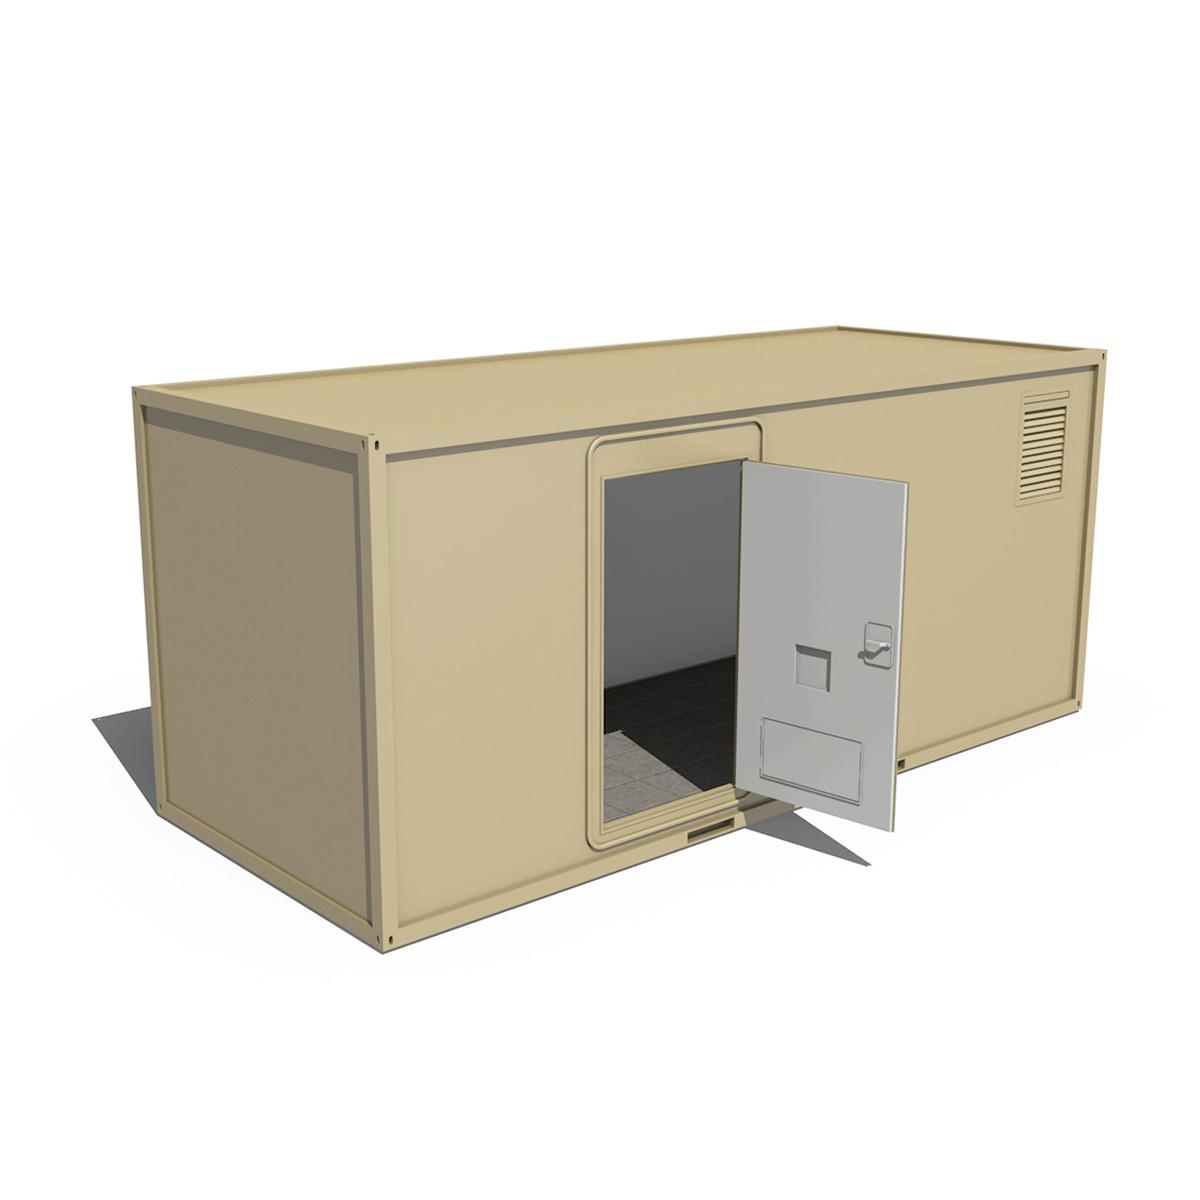 20ft biroja konteinera versija 3d modelis 3ds fbx c4d lwo obj 252265